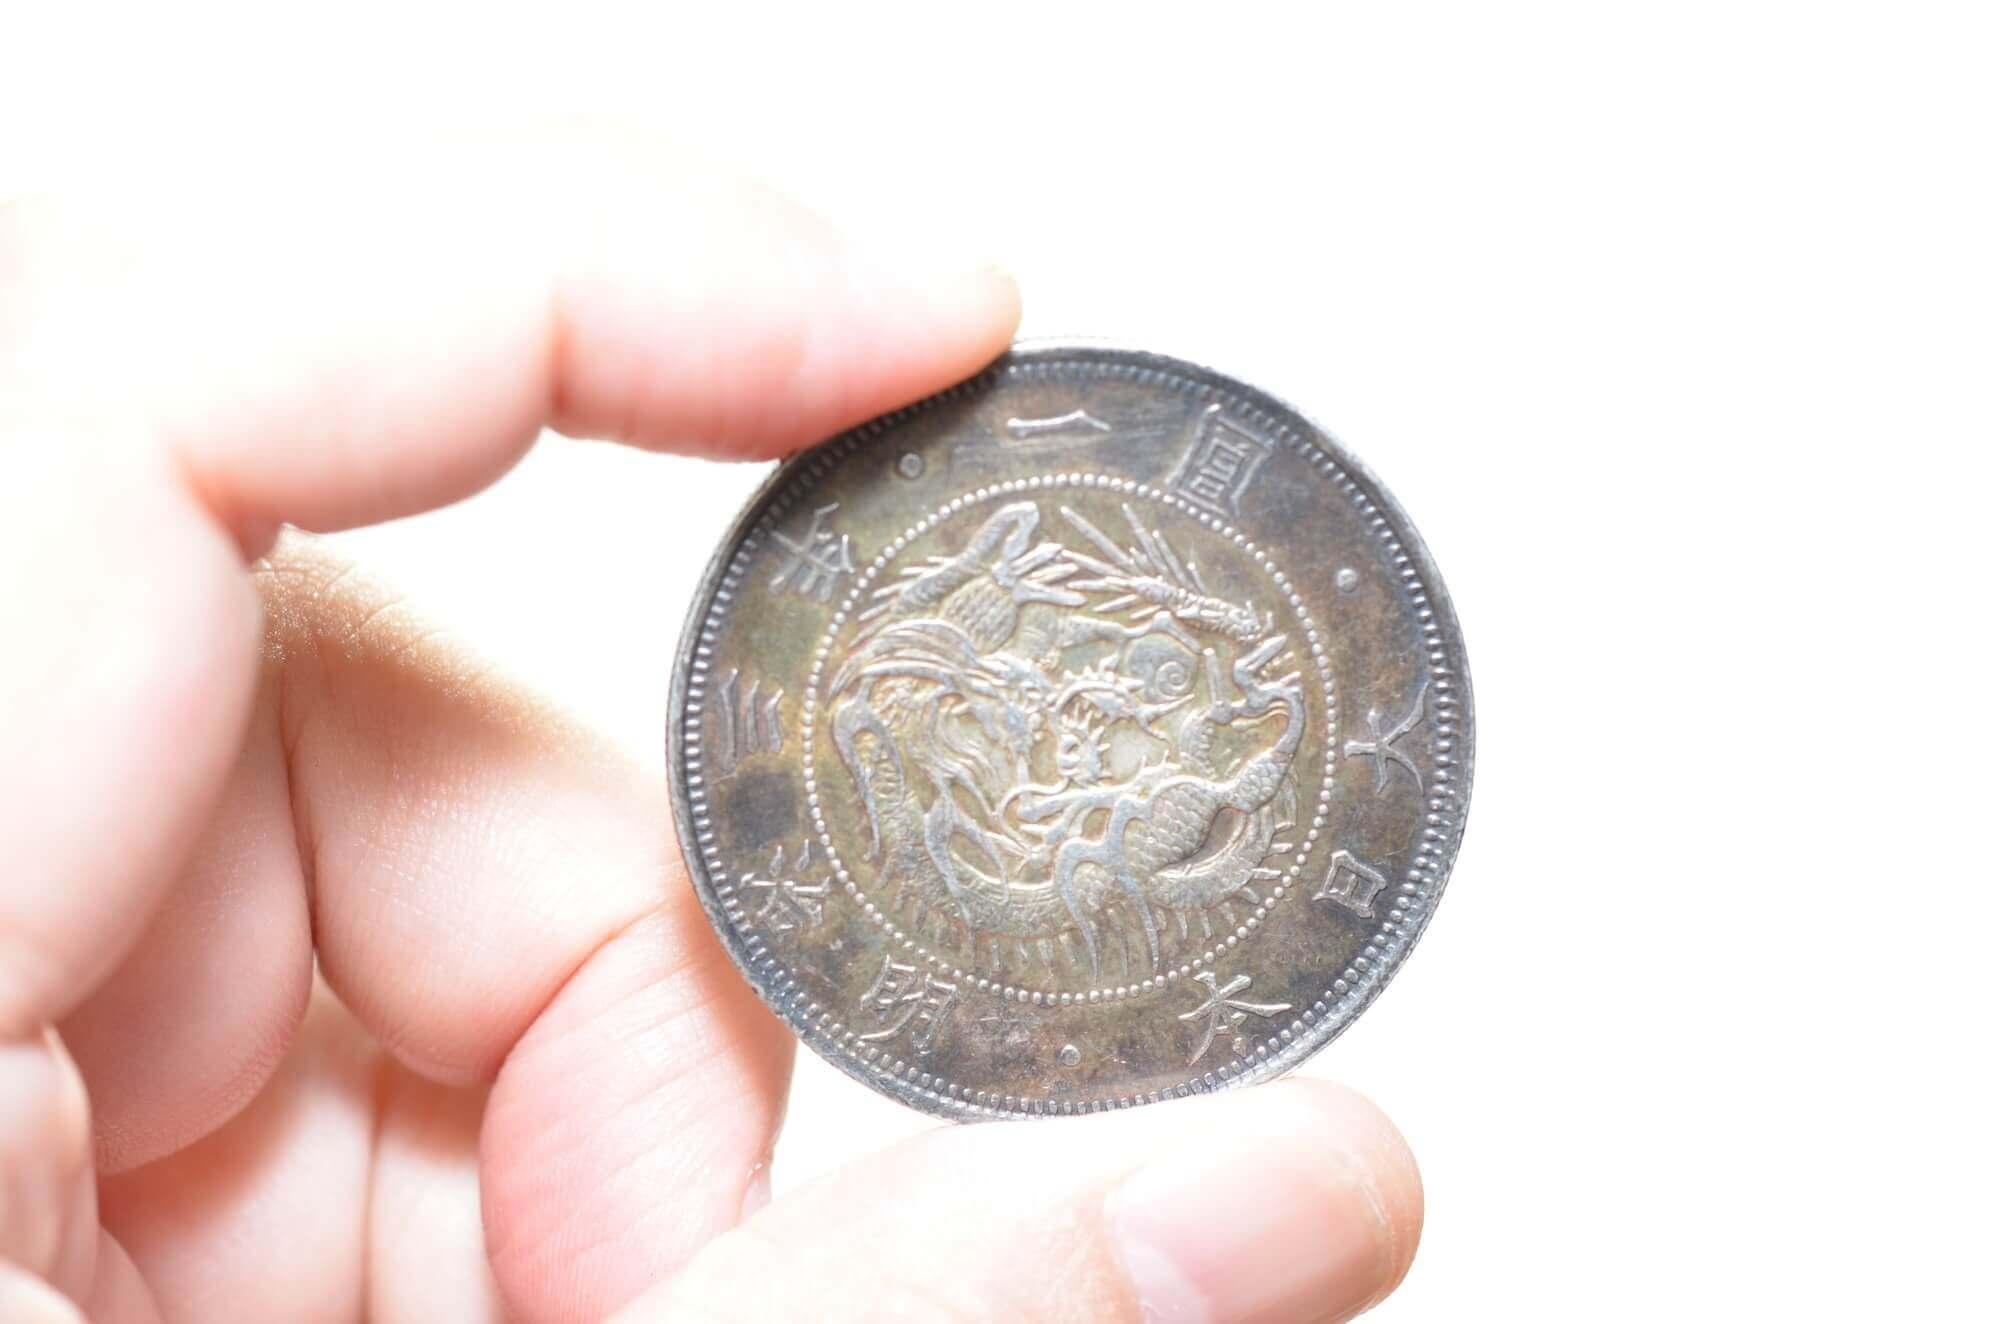 古銭買取相場まとめ「1円銀貨」はコレクターにも人気!